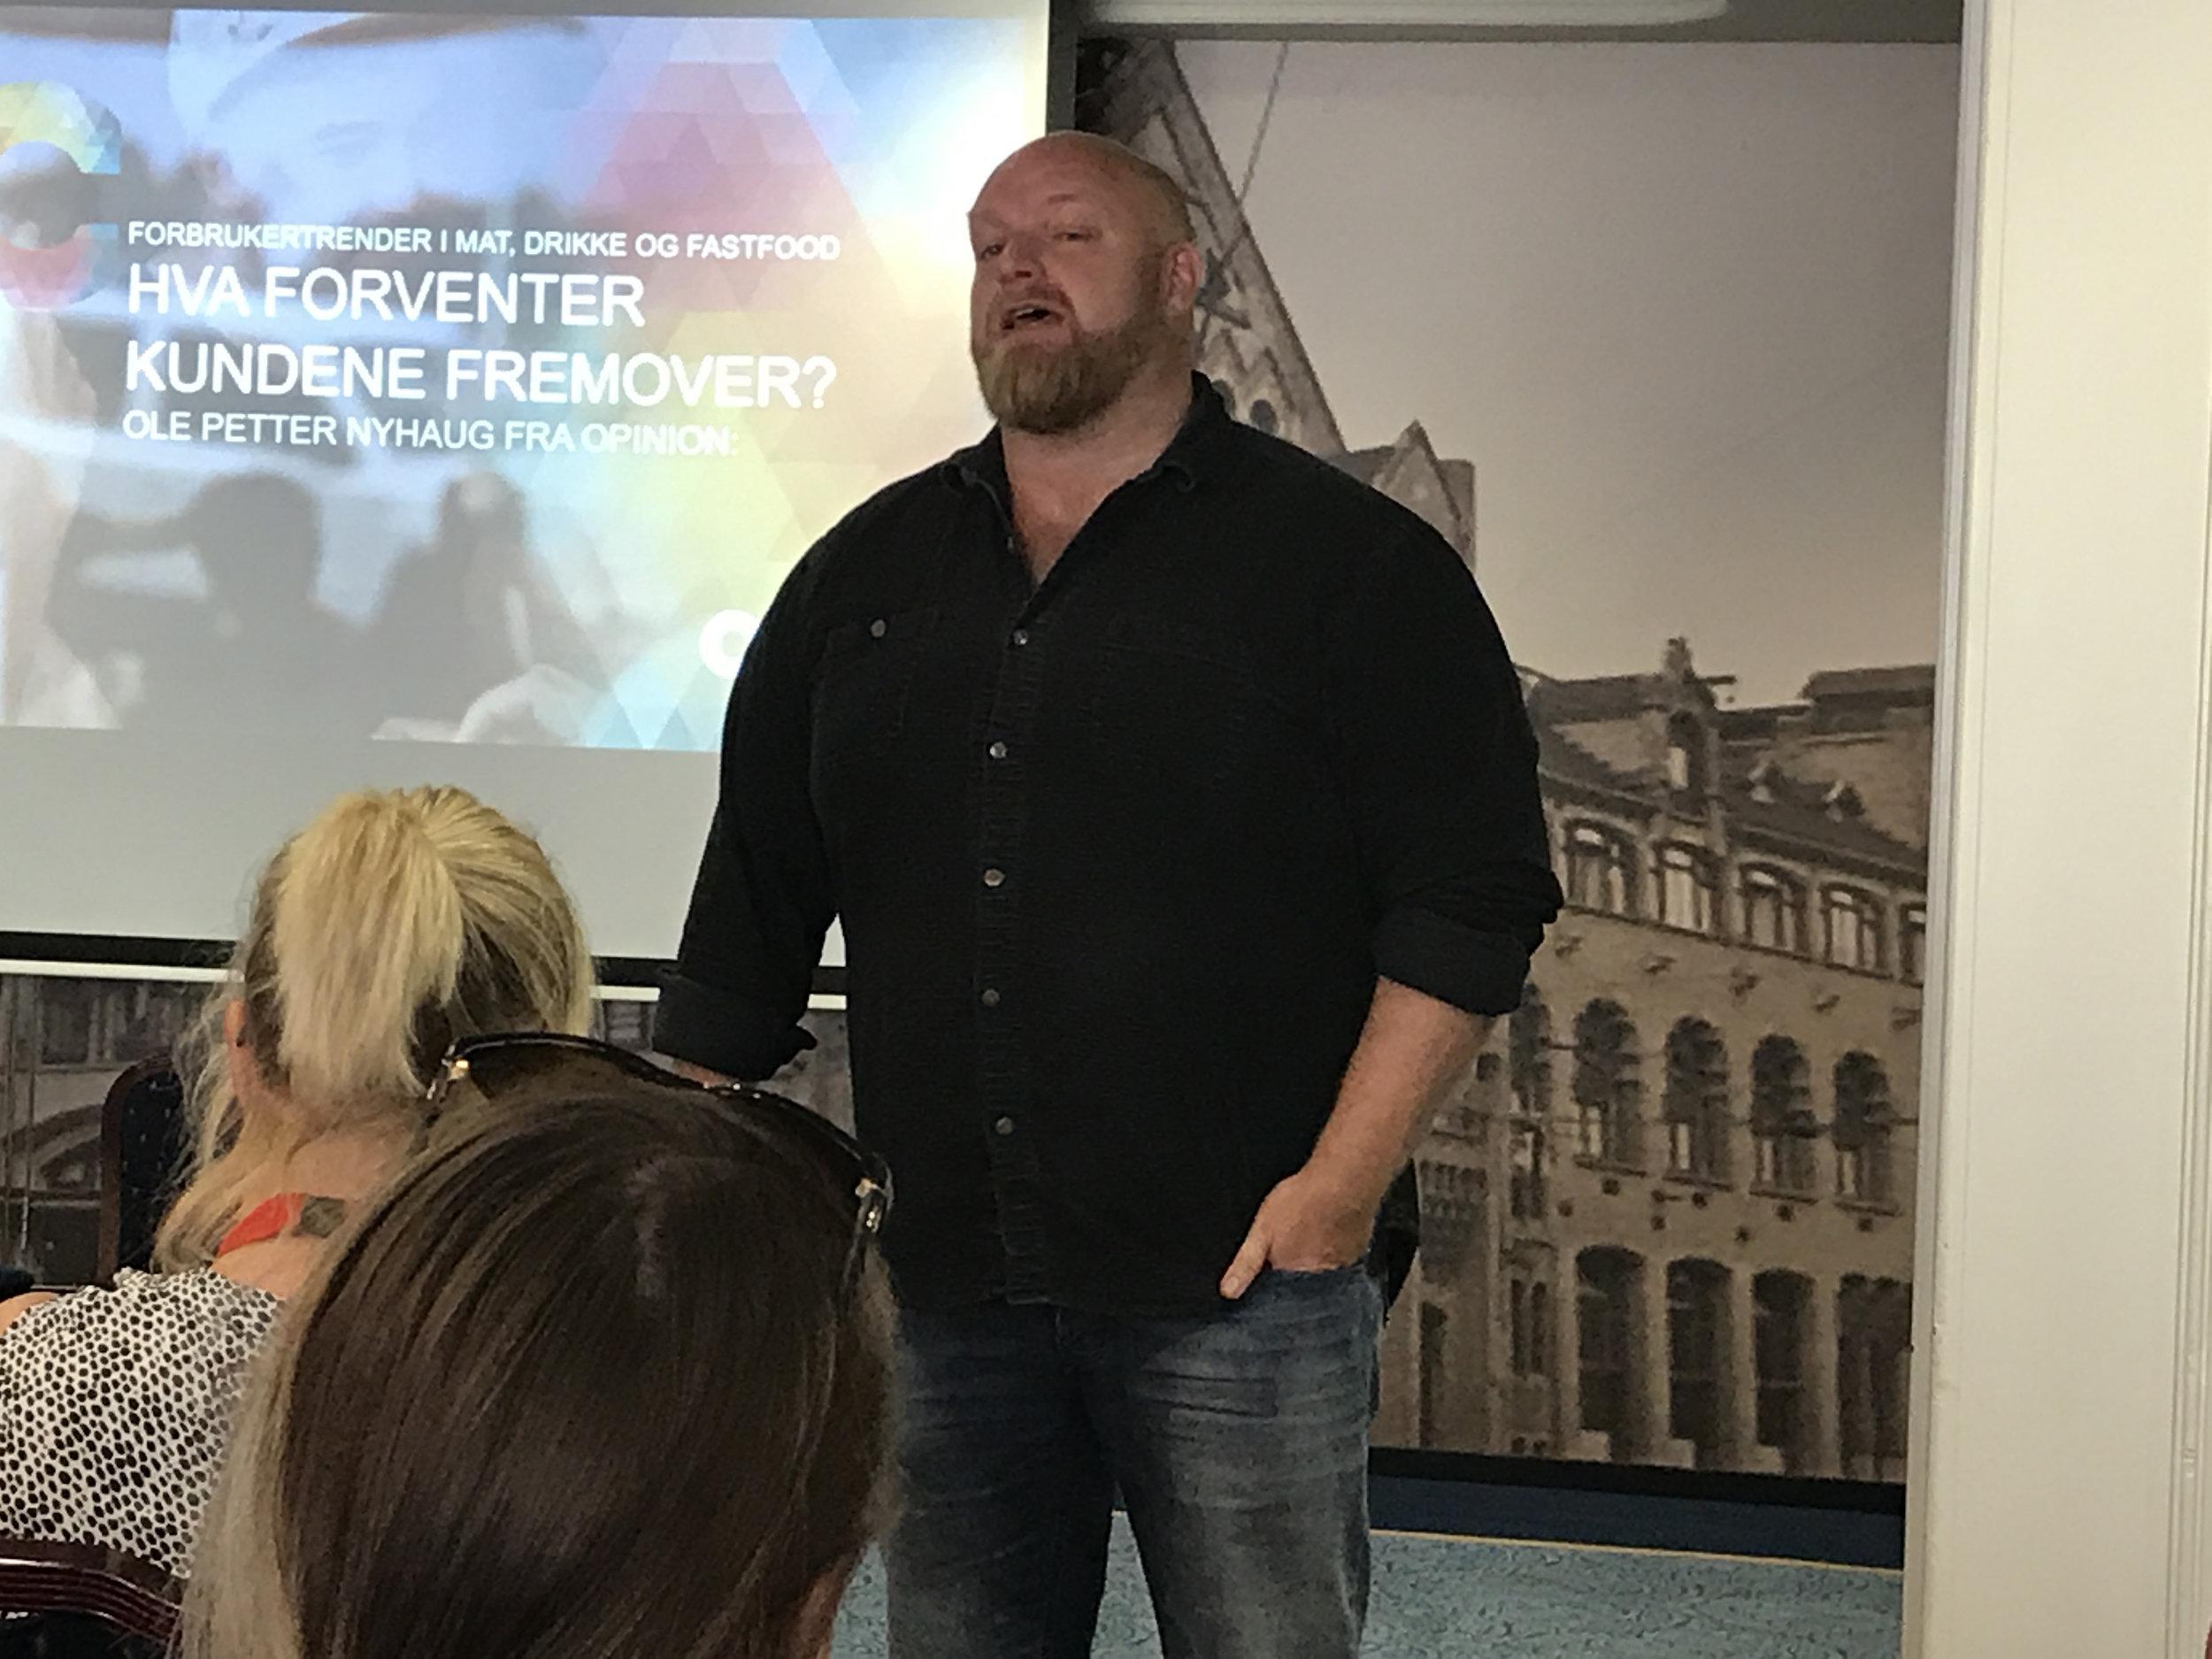 Spennende foredrag av Ole Petter Nyhaug fra Opinion